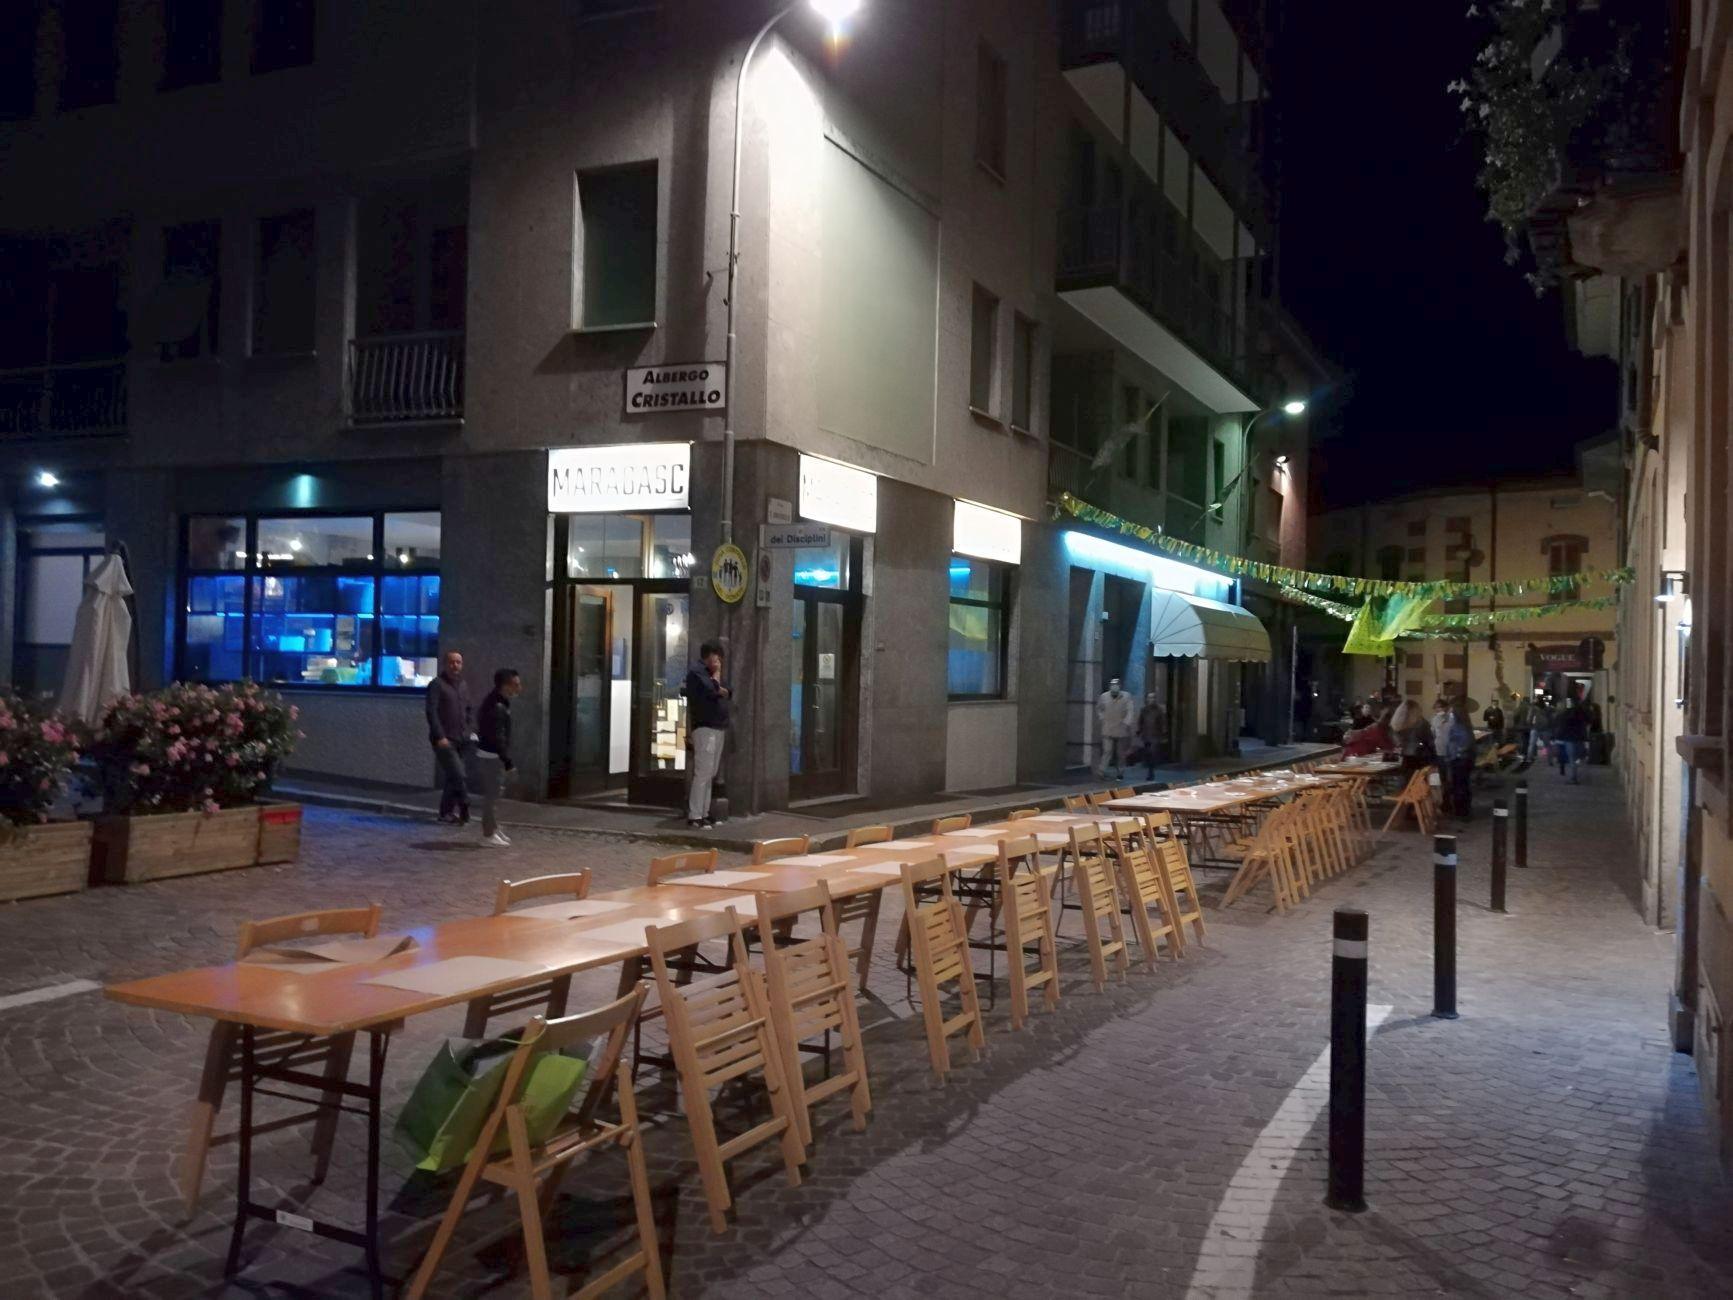 cena-del-borgo-santambrogio-legnano-26-9-20-7